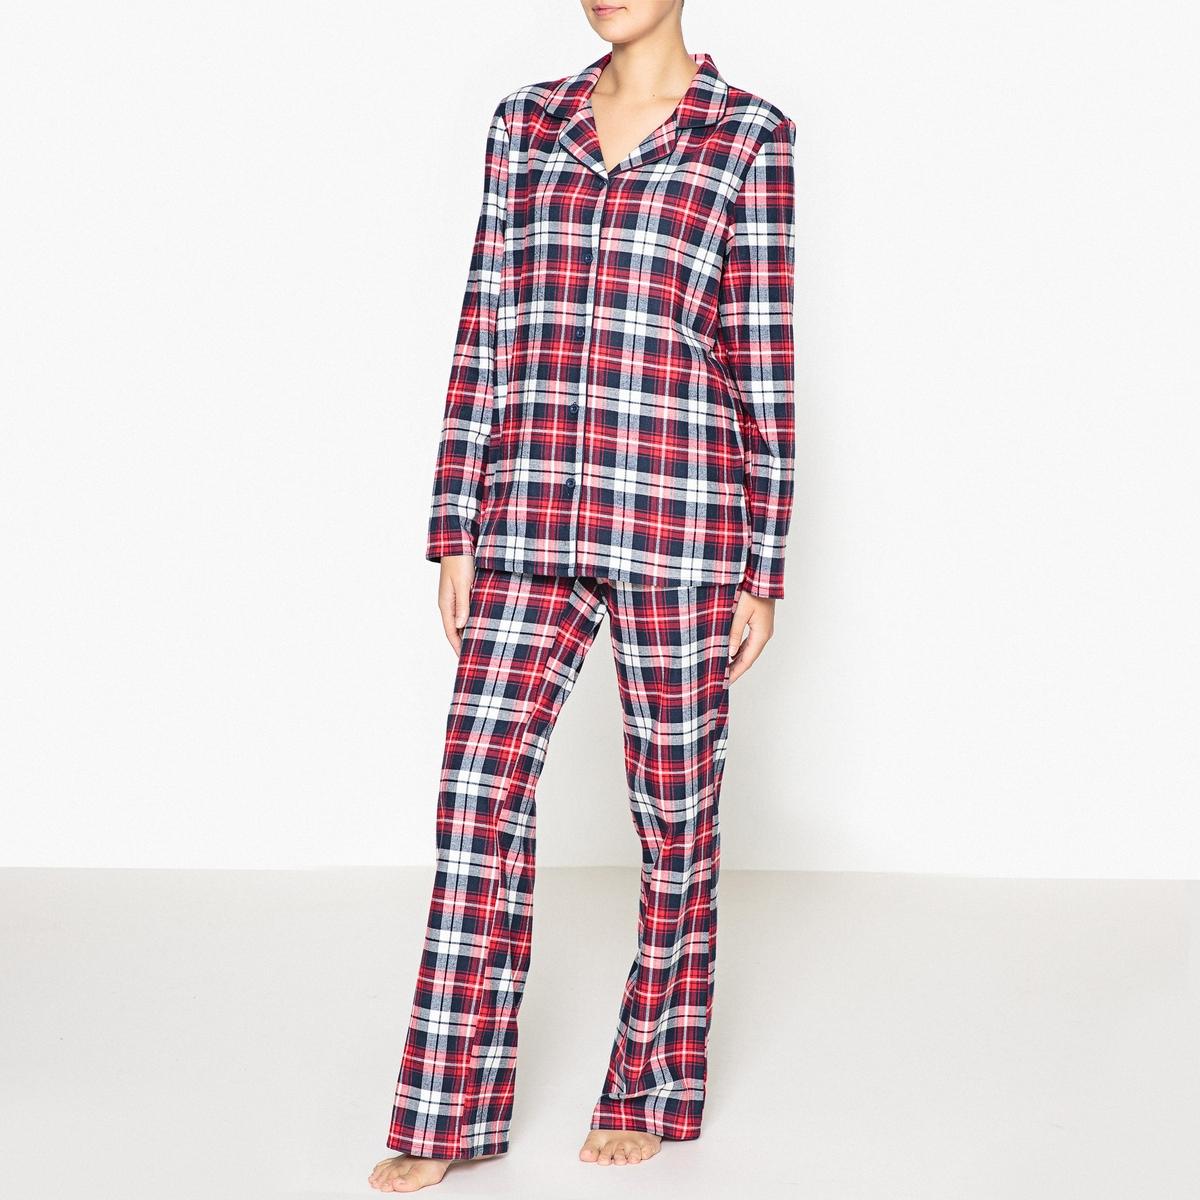 Пижама с рубашкой пижамы la pastel пижама кофта с запахом длинный рукав штаны длинные белый голубой размер xl